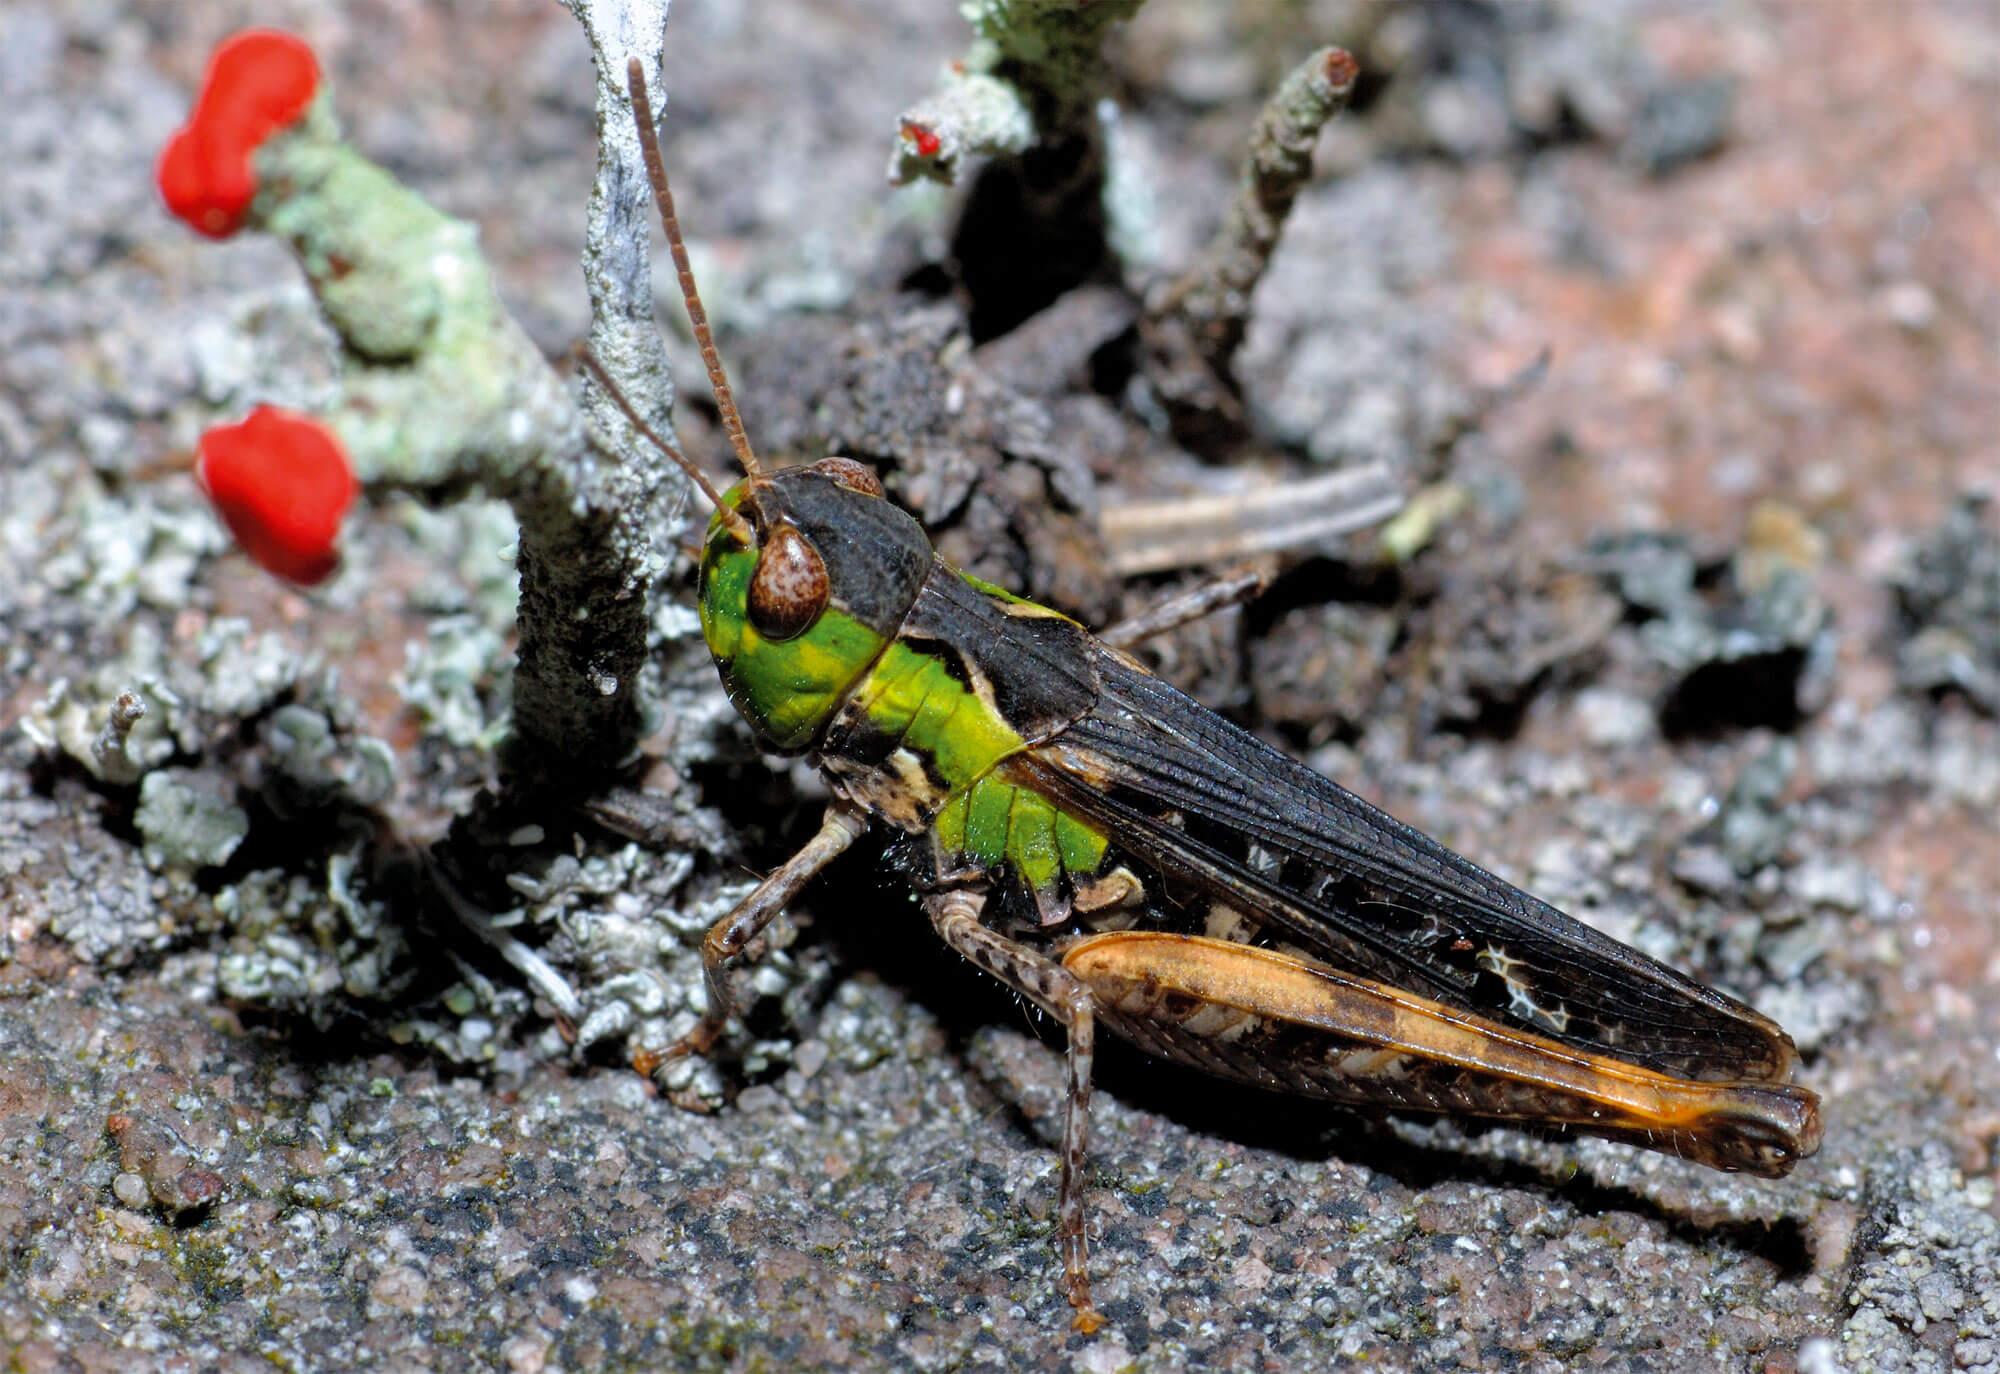 Séduire pour conclure - La Salamandre